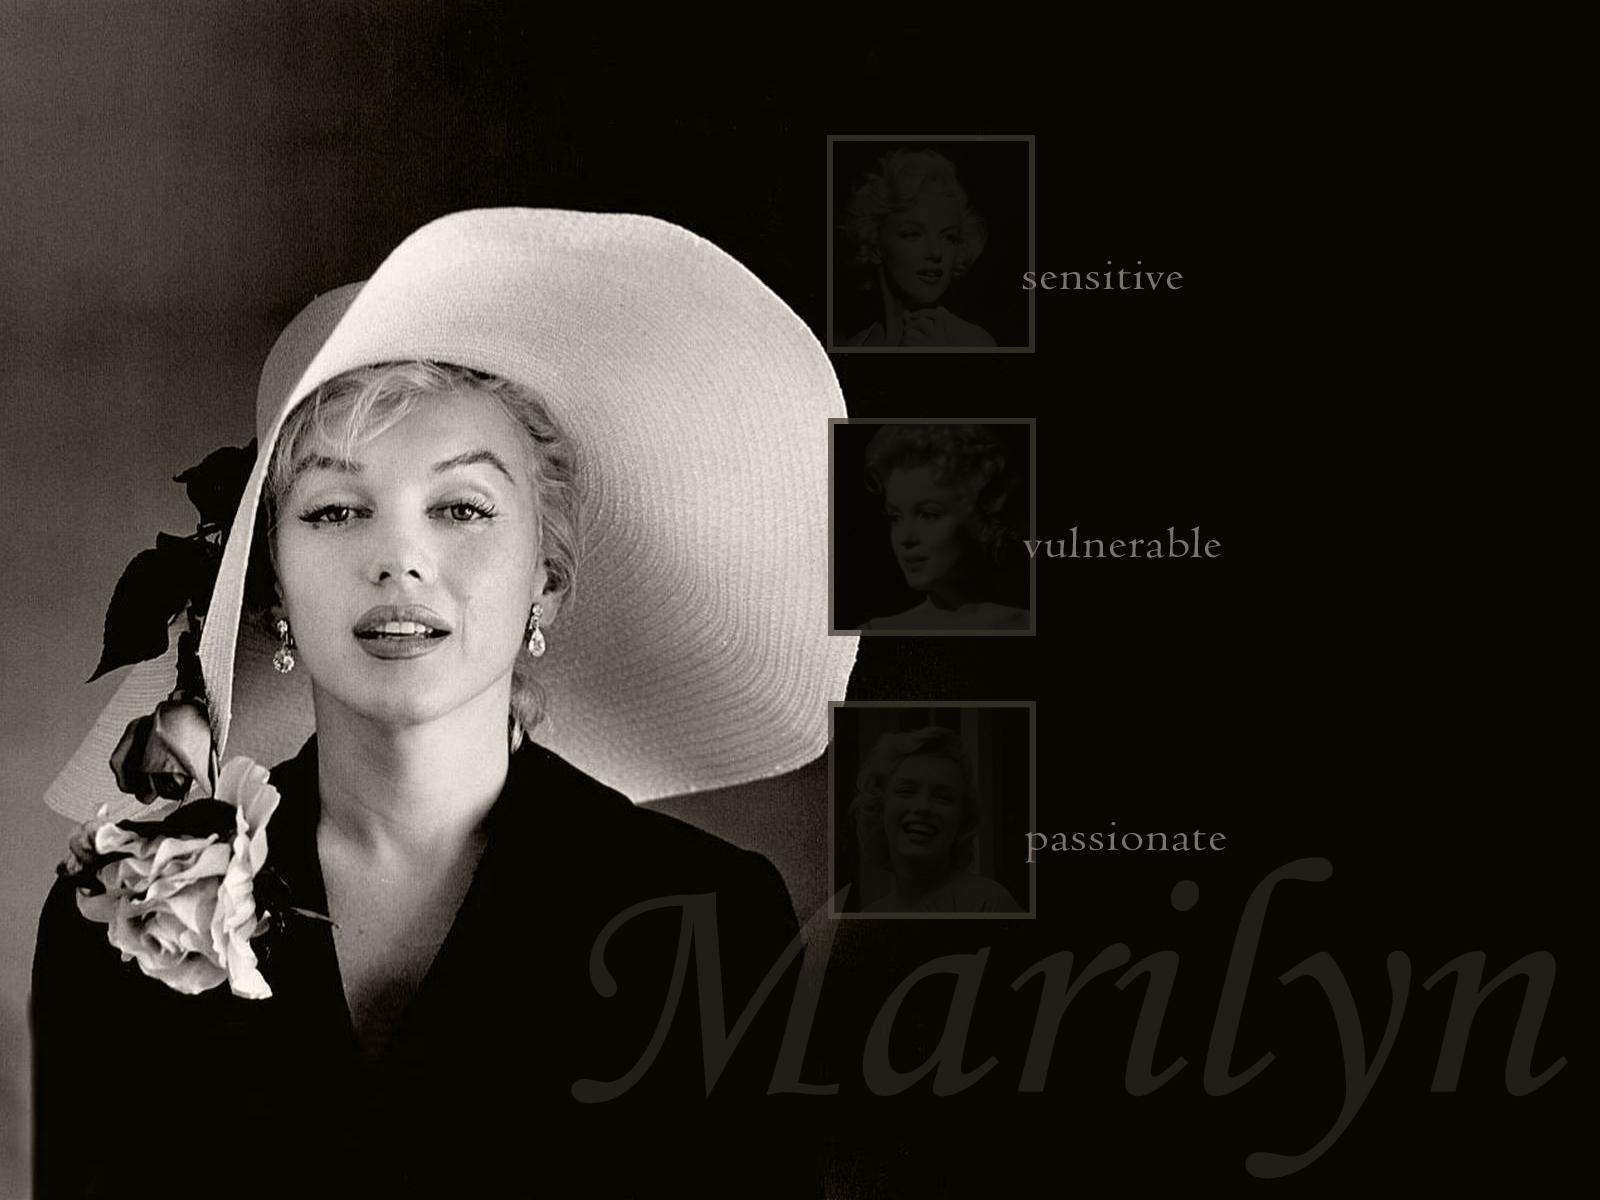 http://2.bp.blogspot.com/-EHWMlIETVWY/TWF7IiI5y4I/AAAAAAAAIGo/3MsGnaKib2M/s1600/Carrie+-+Monroe%252C+Marilyn_01.jpg